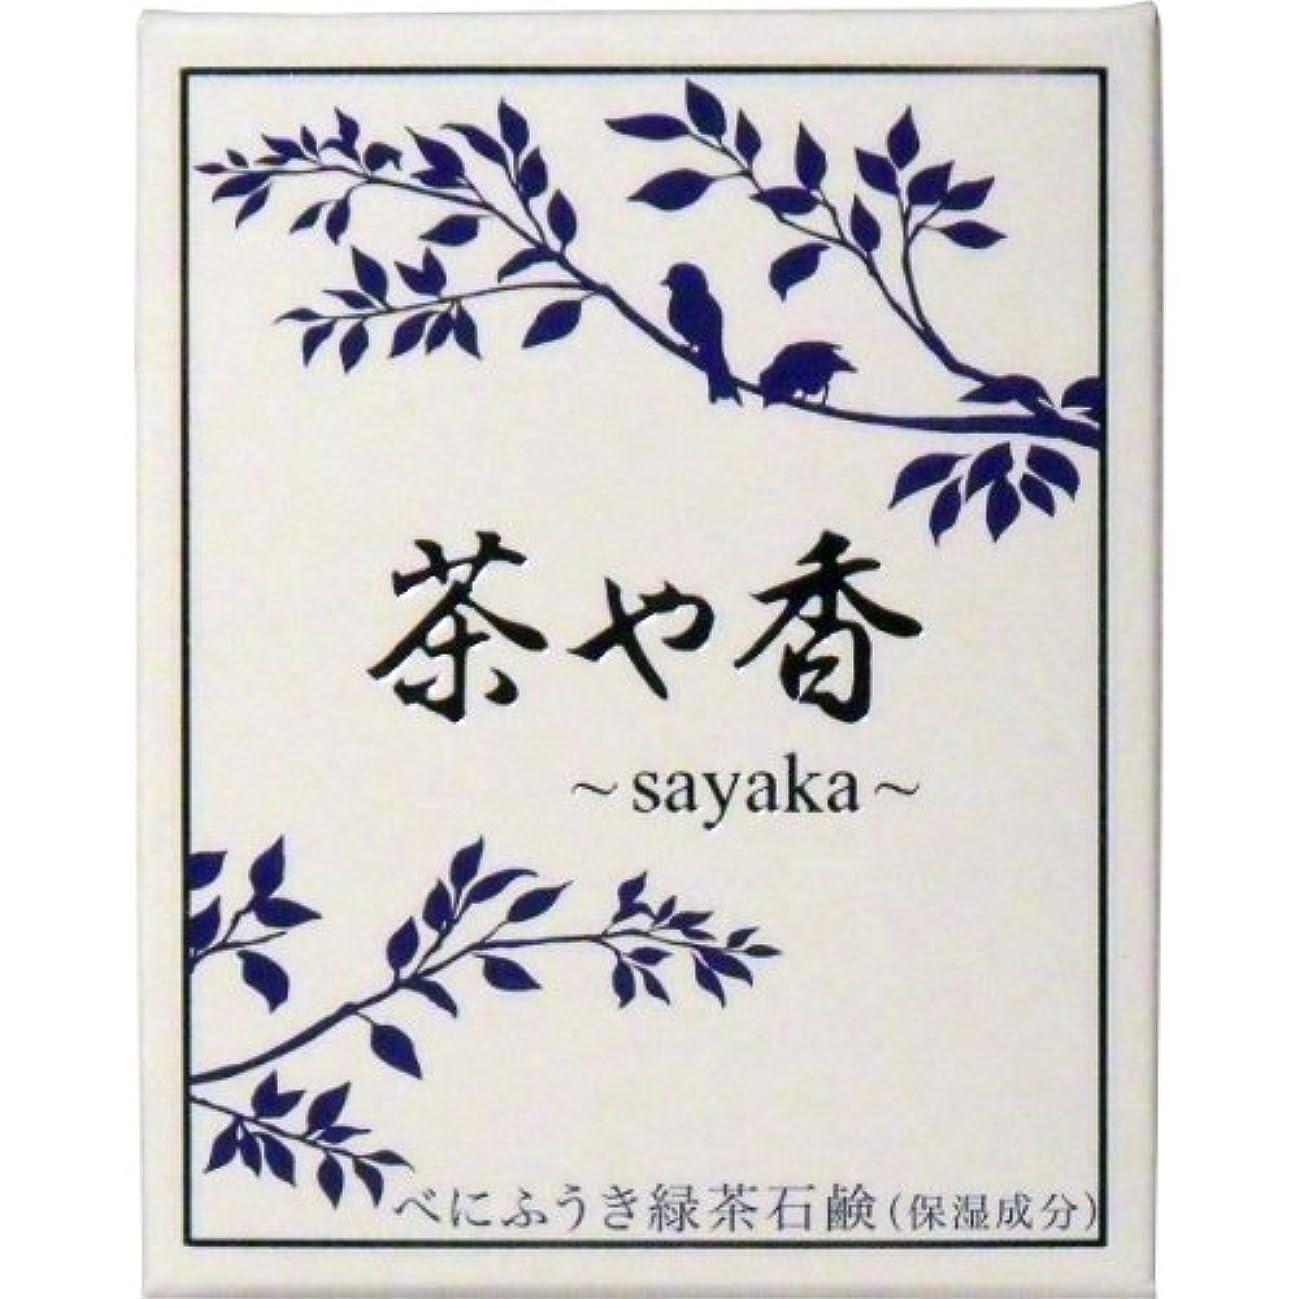 ワームポーズ桃茶や香 -sayaka- べにふうき緑茶石鹸 100g入 ×6個セット